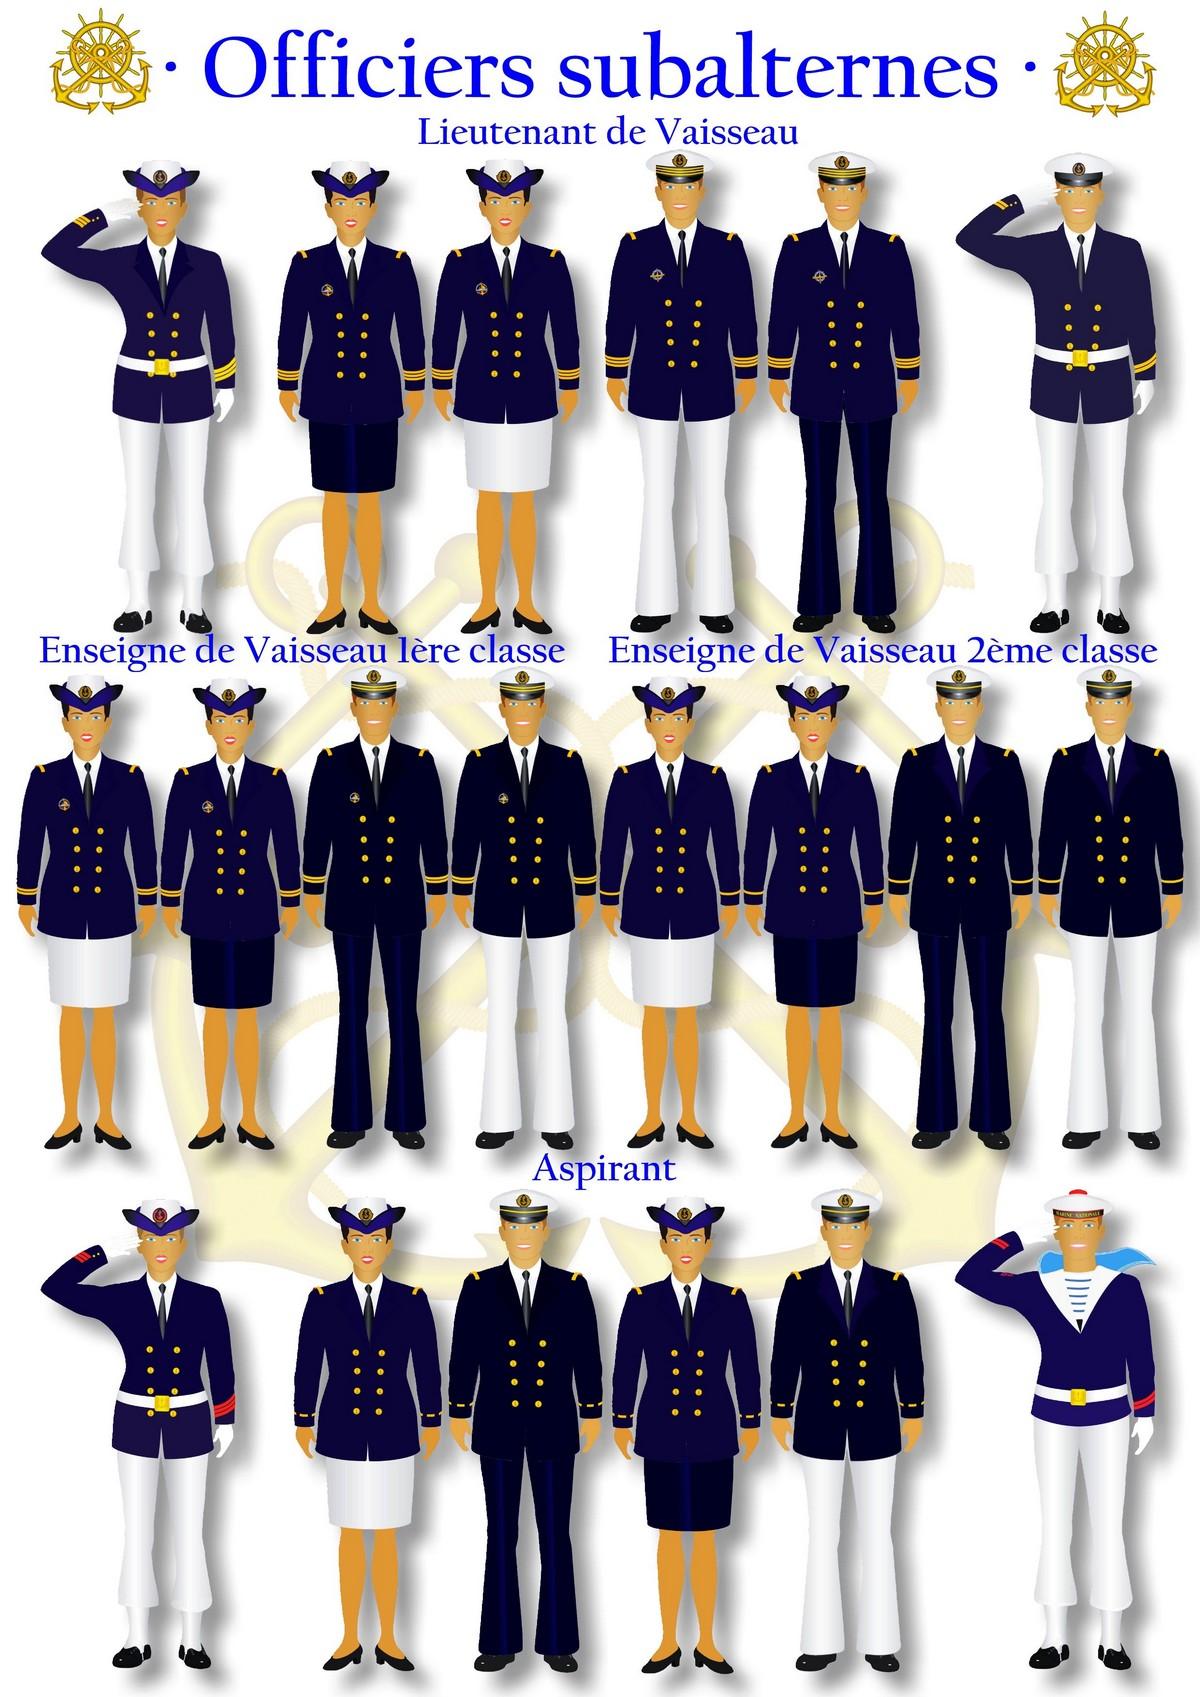 [LES TRADITIONS DANS LA MARINE] Planches dessins des grades et uniformes 396